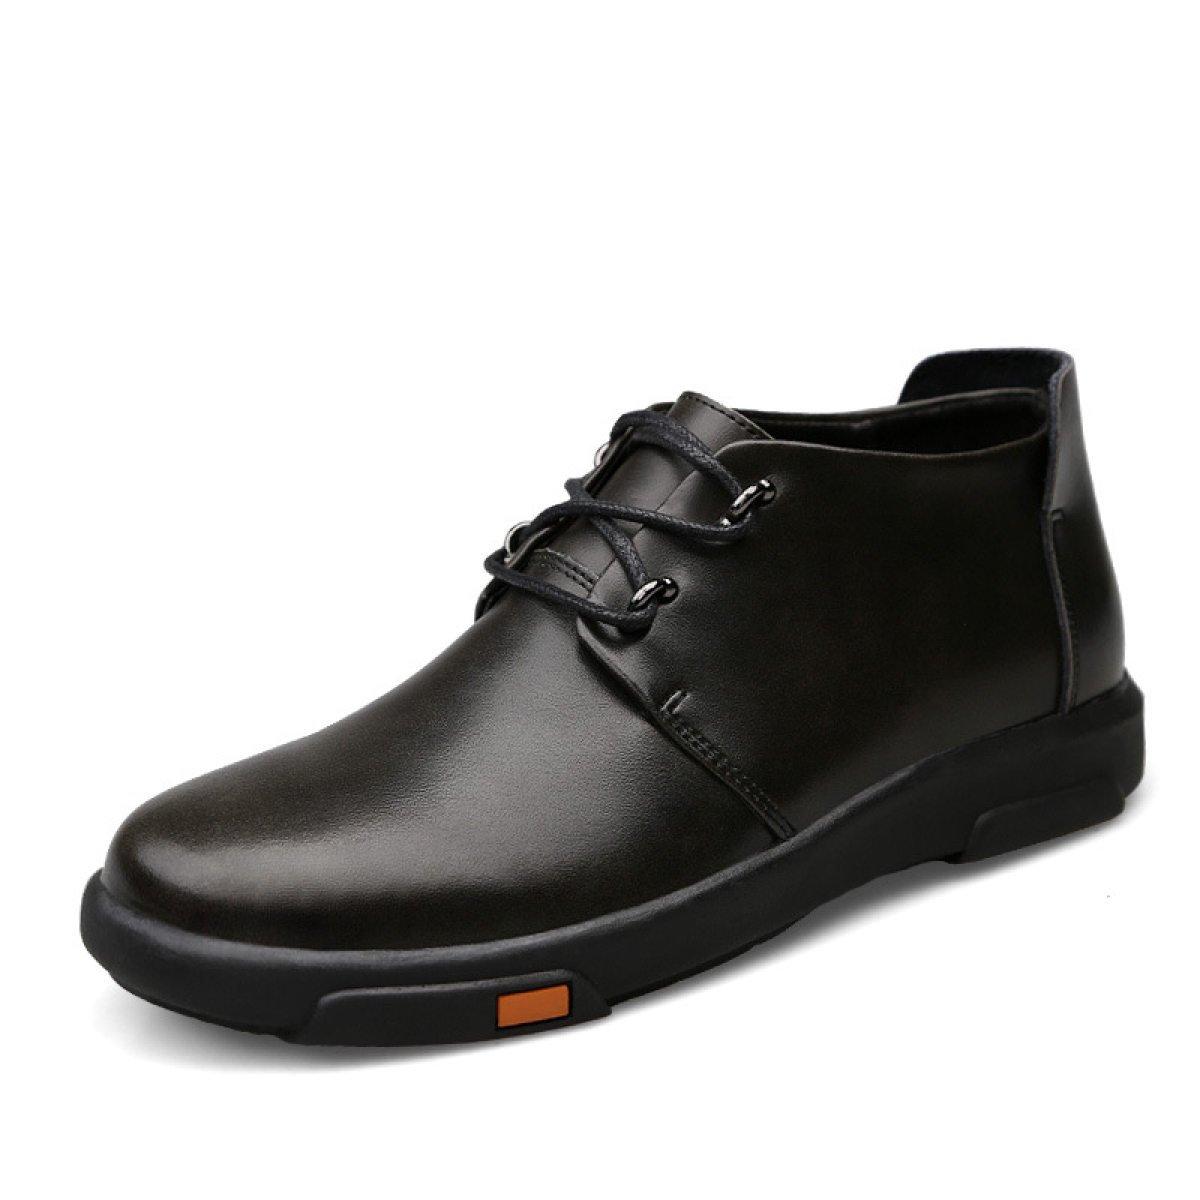 GTYMFH Herbst Hoch Zu Helfen Herrenschuhe Koreanische Version Mode Schuhe England Lässige Stiefel